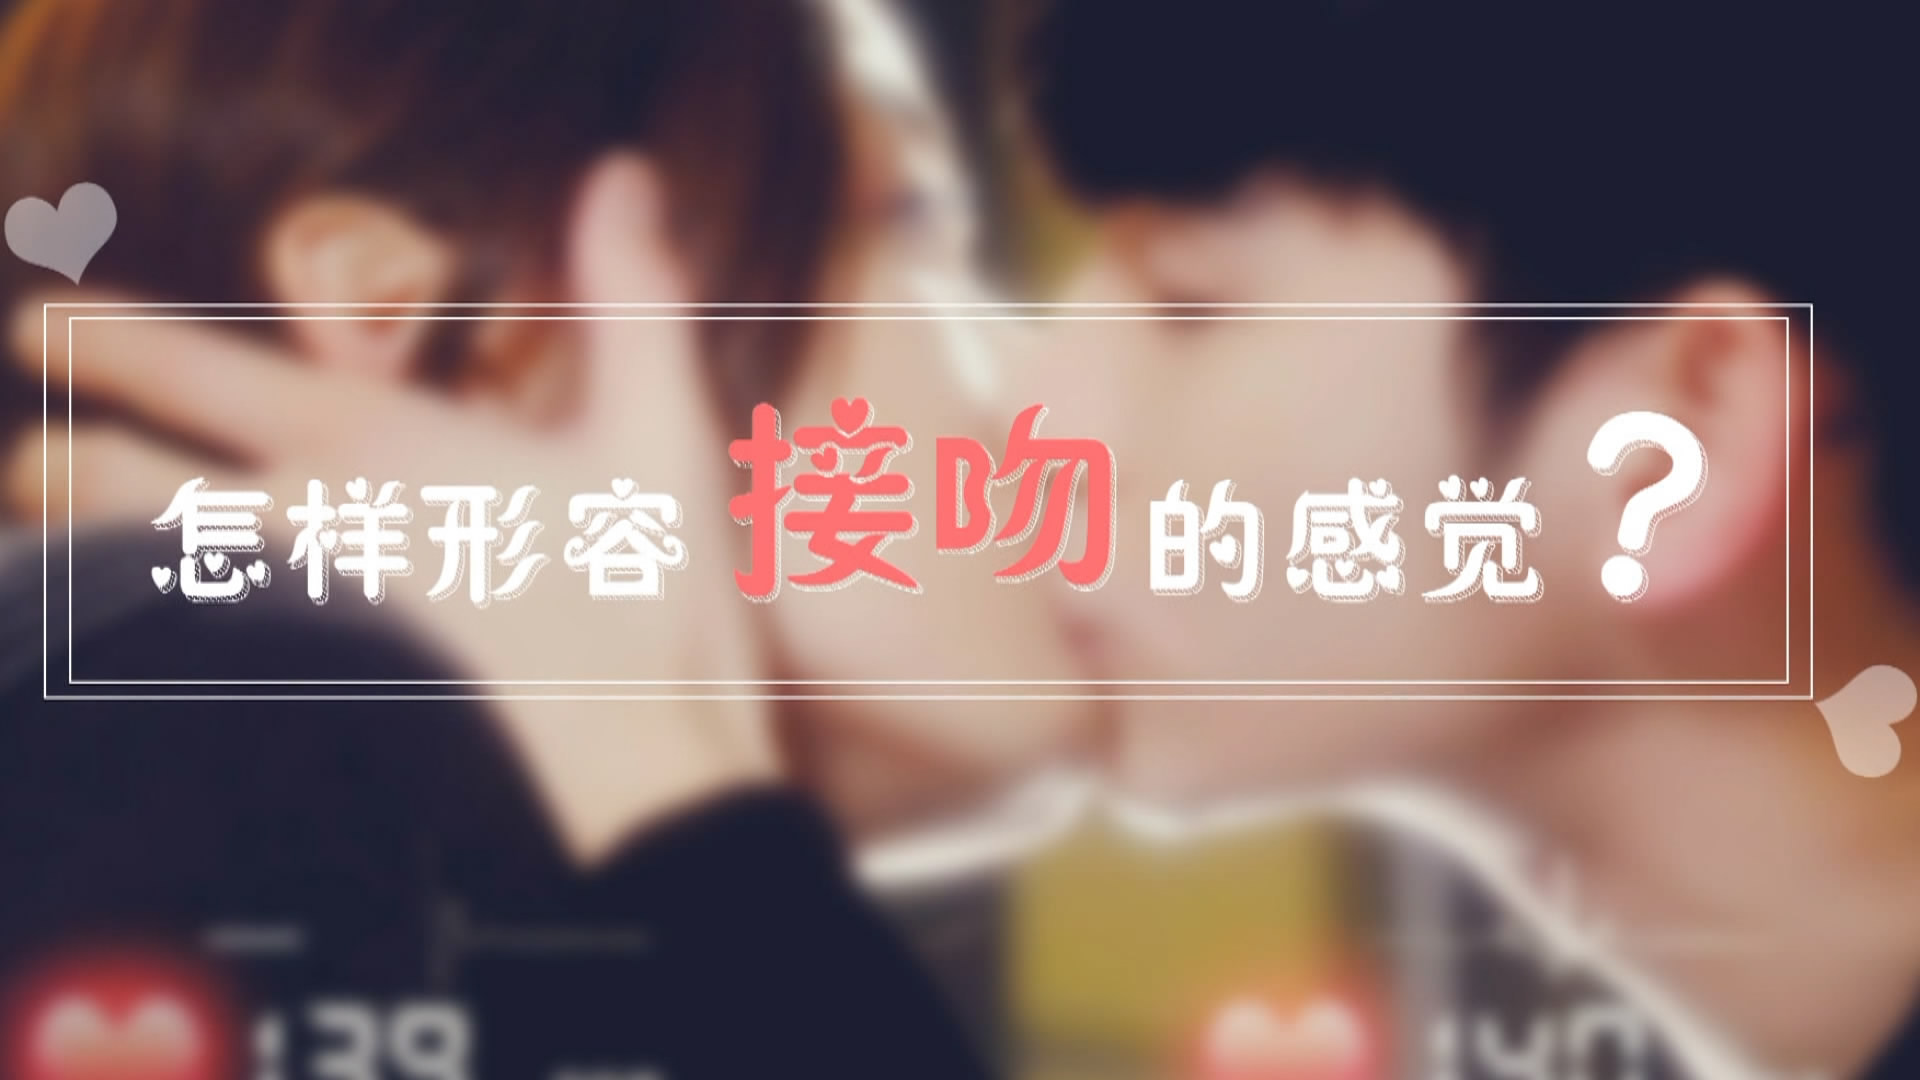 ca88亚洲城手机版下载_接吻为什么让人欲罢不能